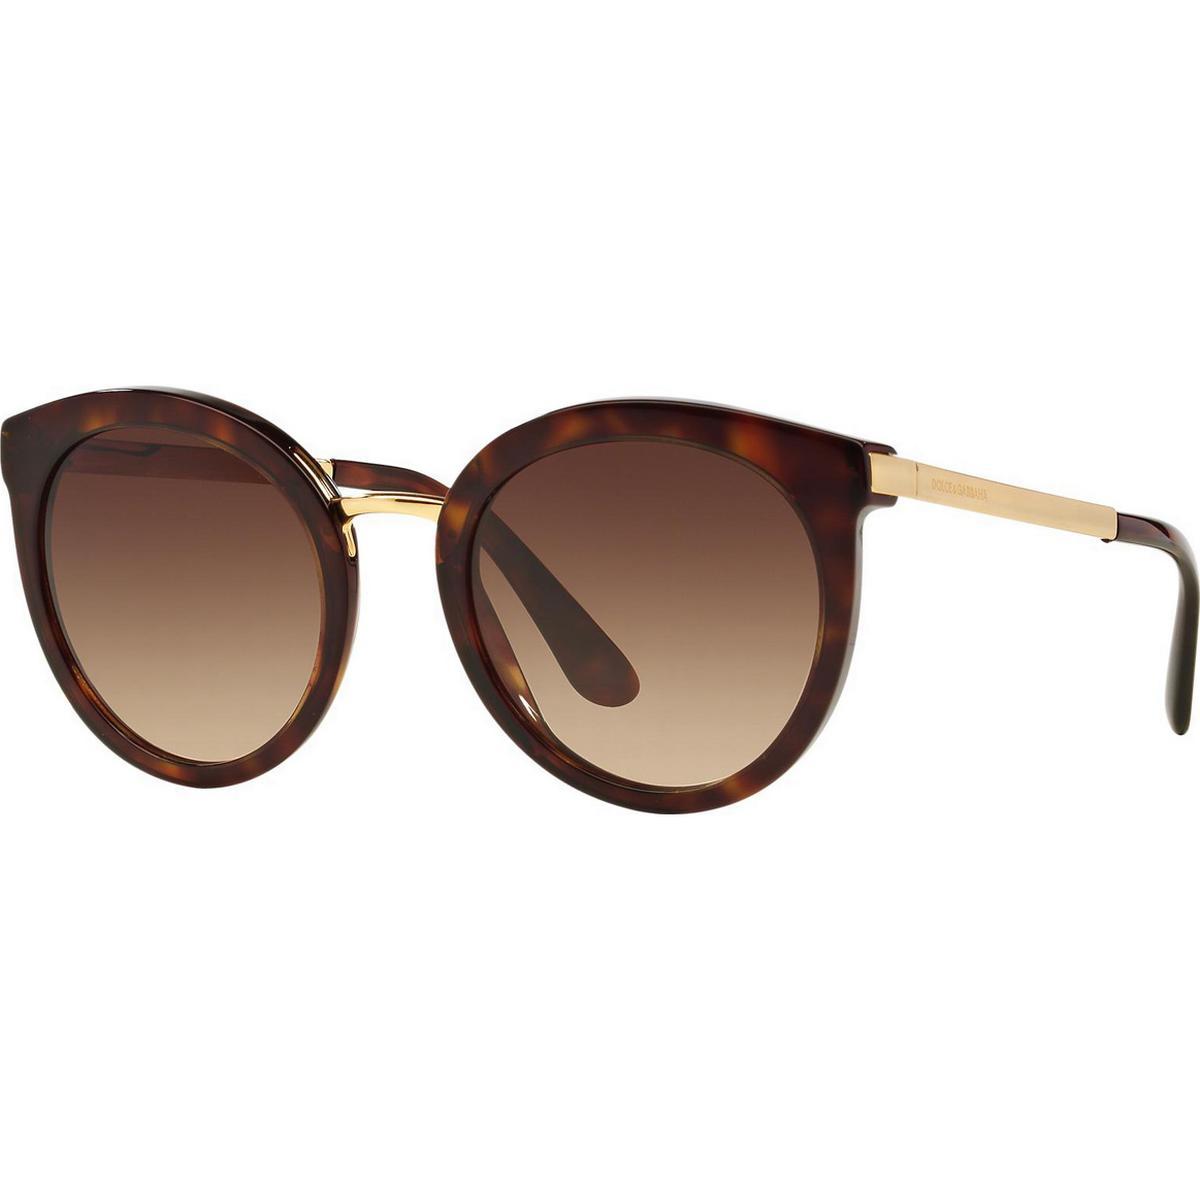 Dolce & Gabbana Solbriller (1000+ produkter) • Se billigste